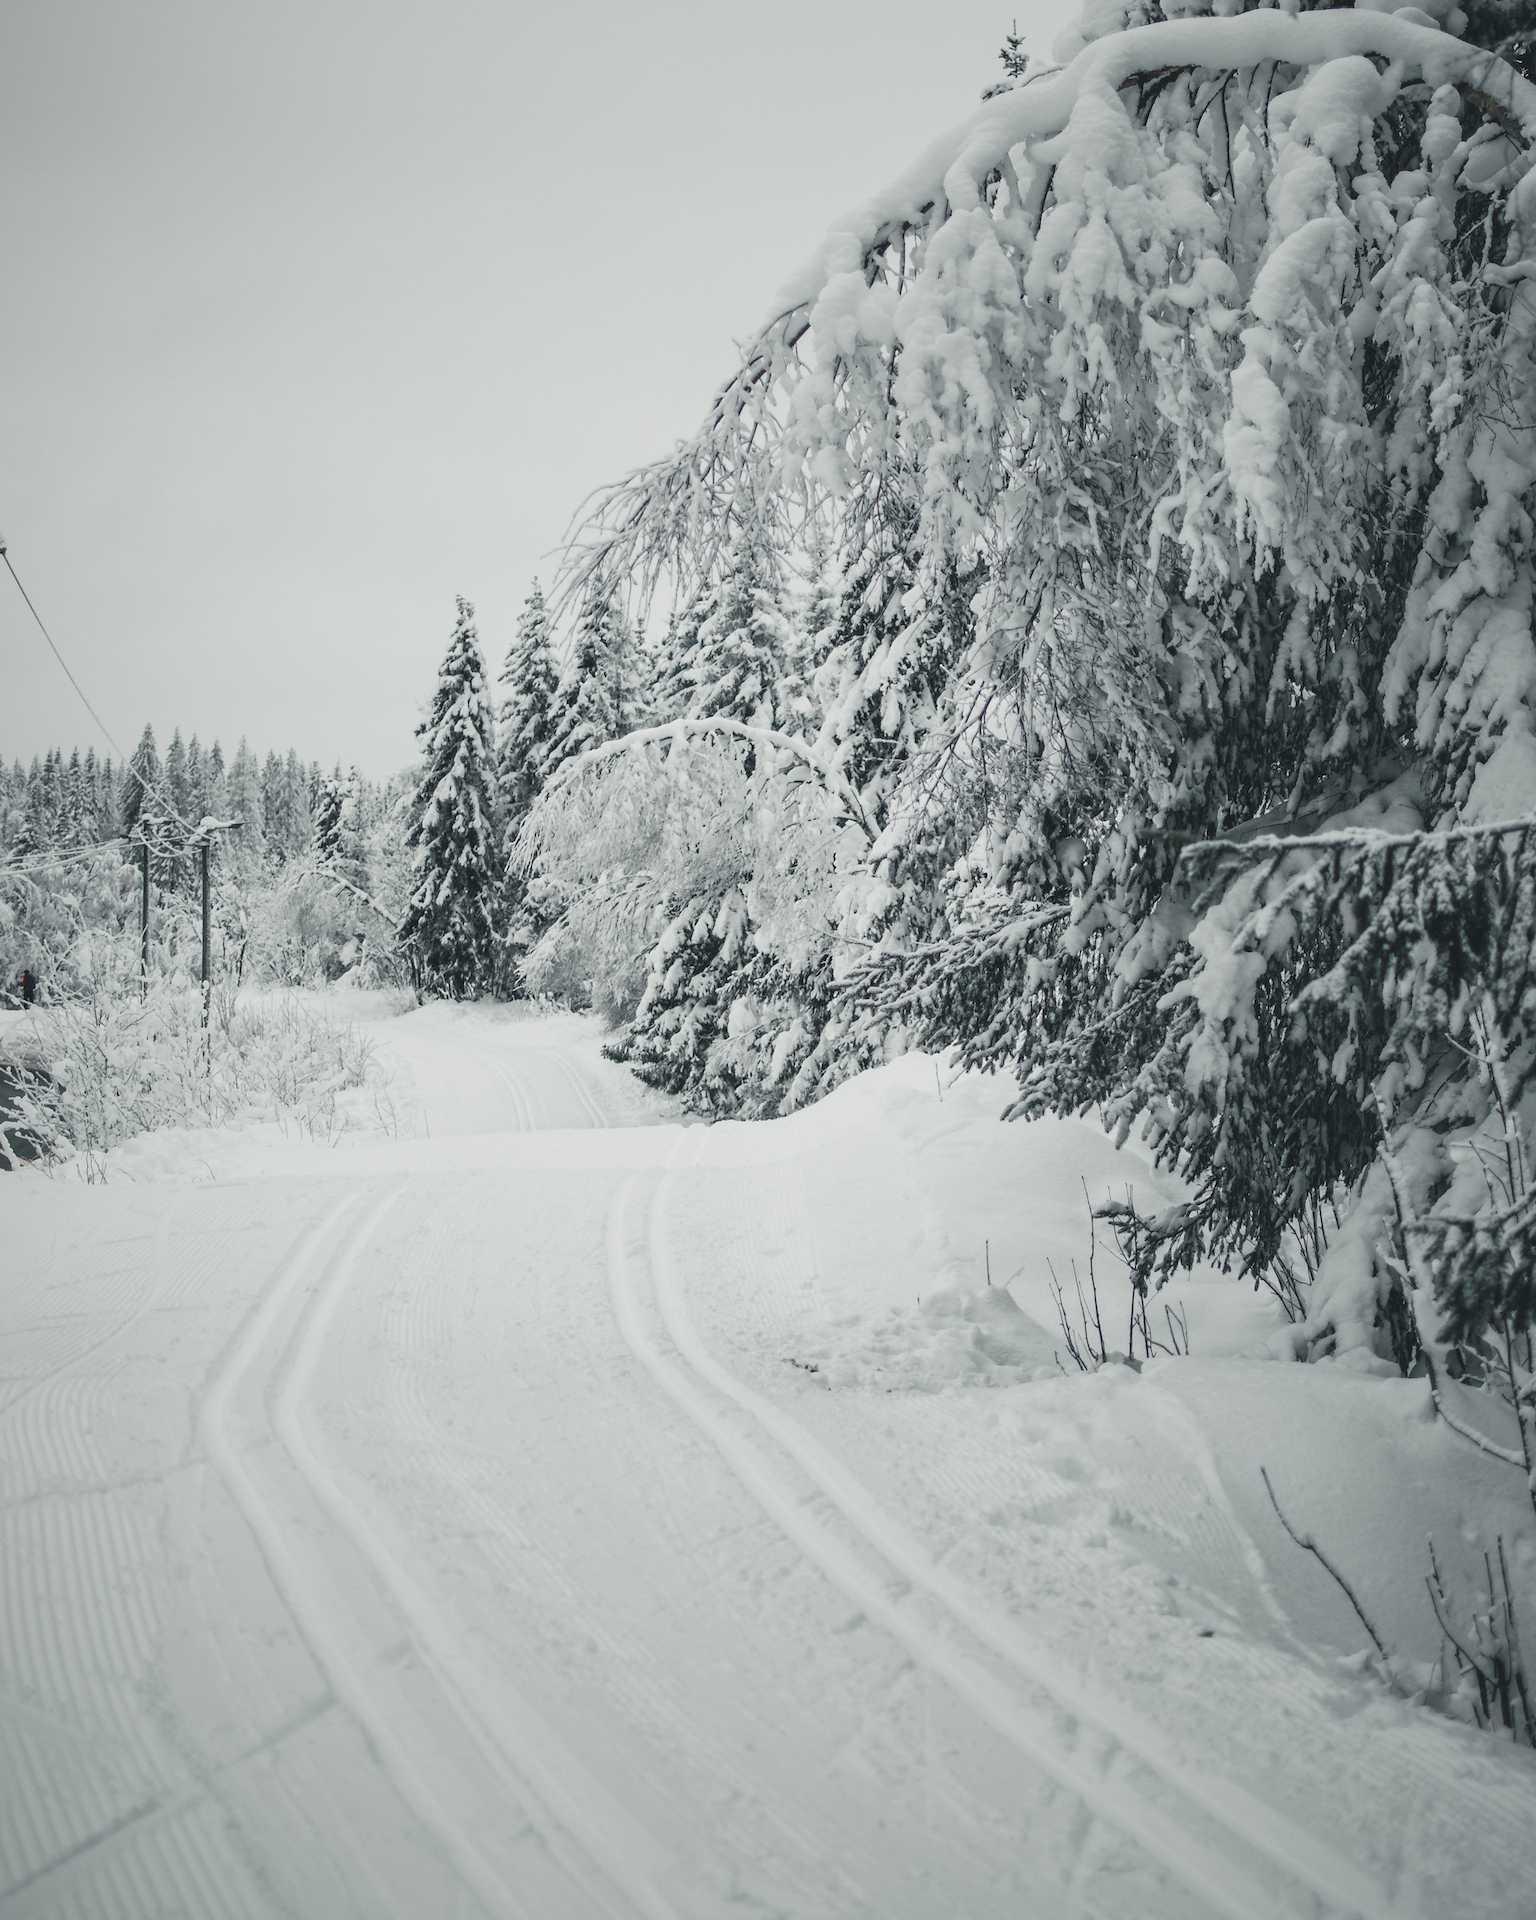 zimowy blog Norwegia